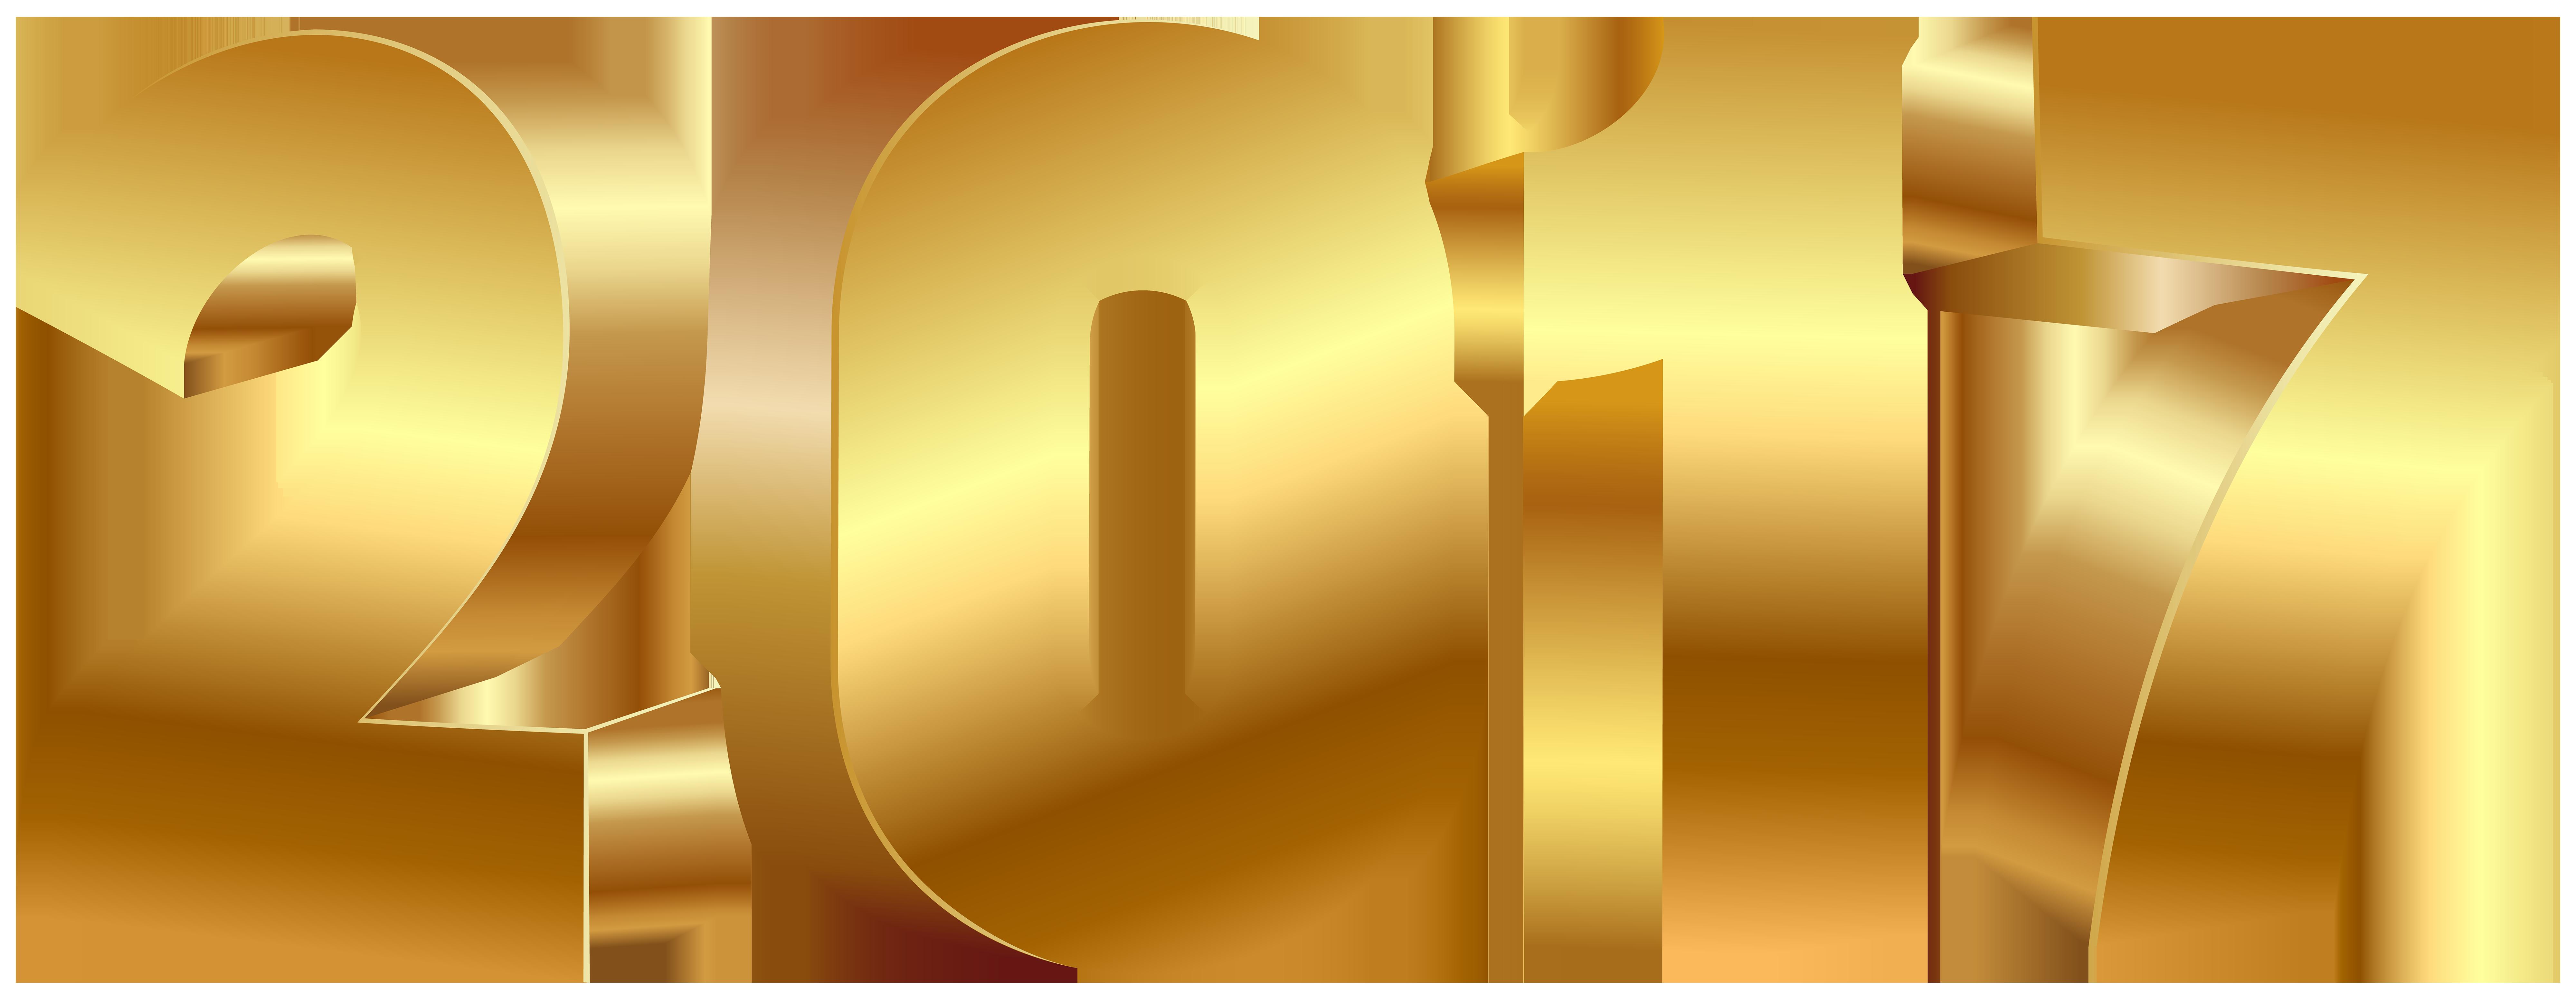 2017 Gold Large PNG Transparent Image Klipart.